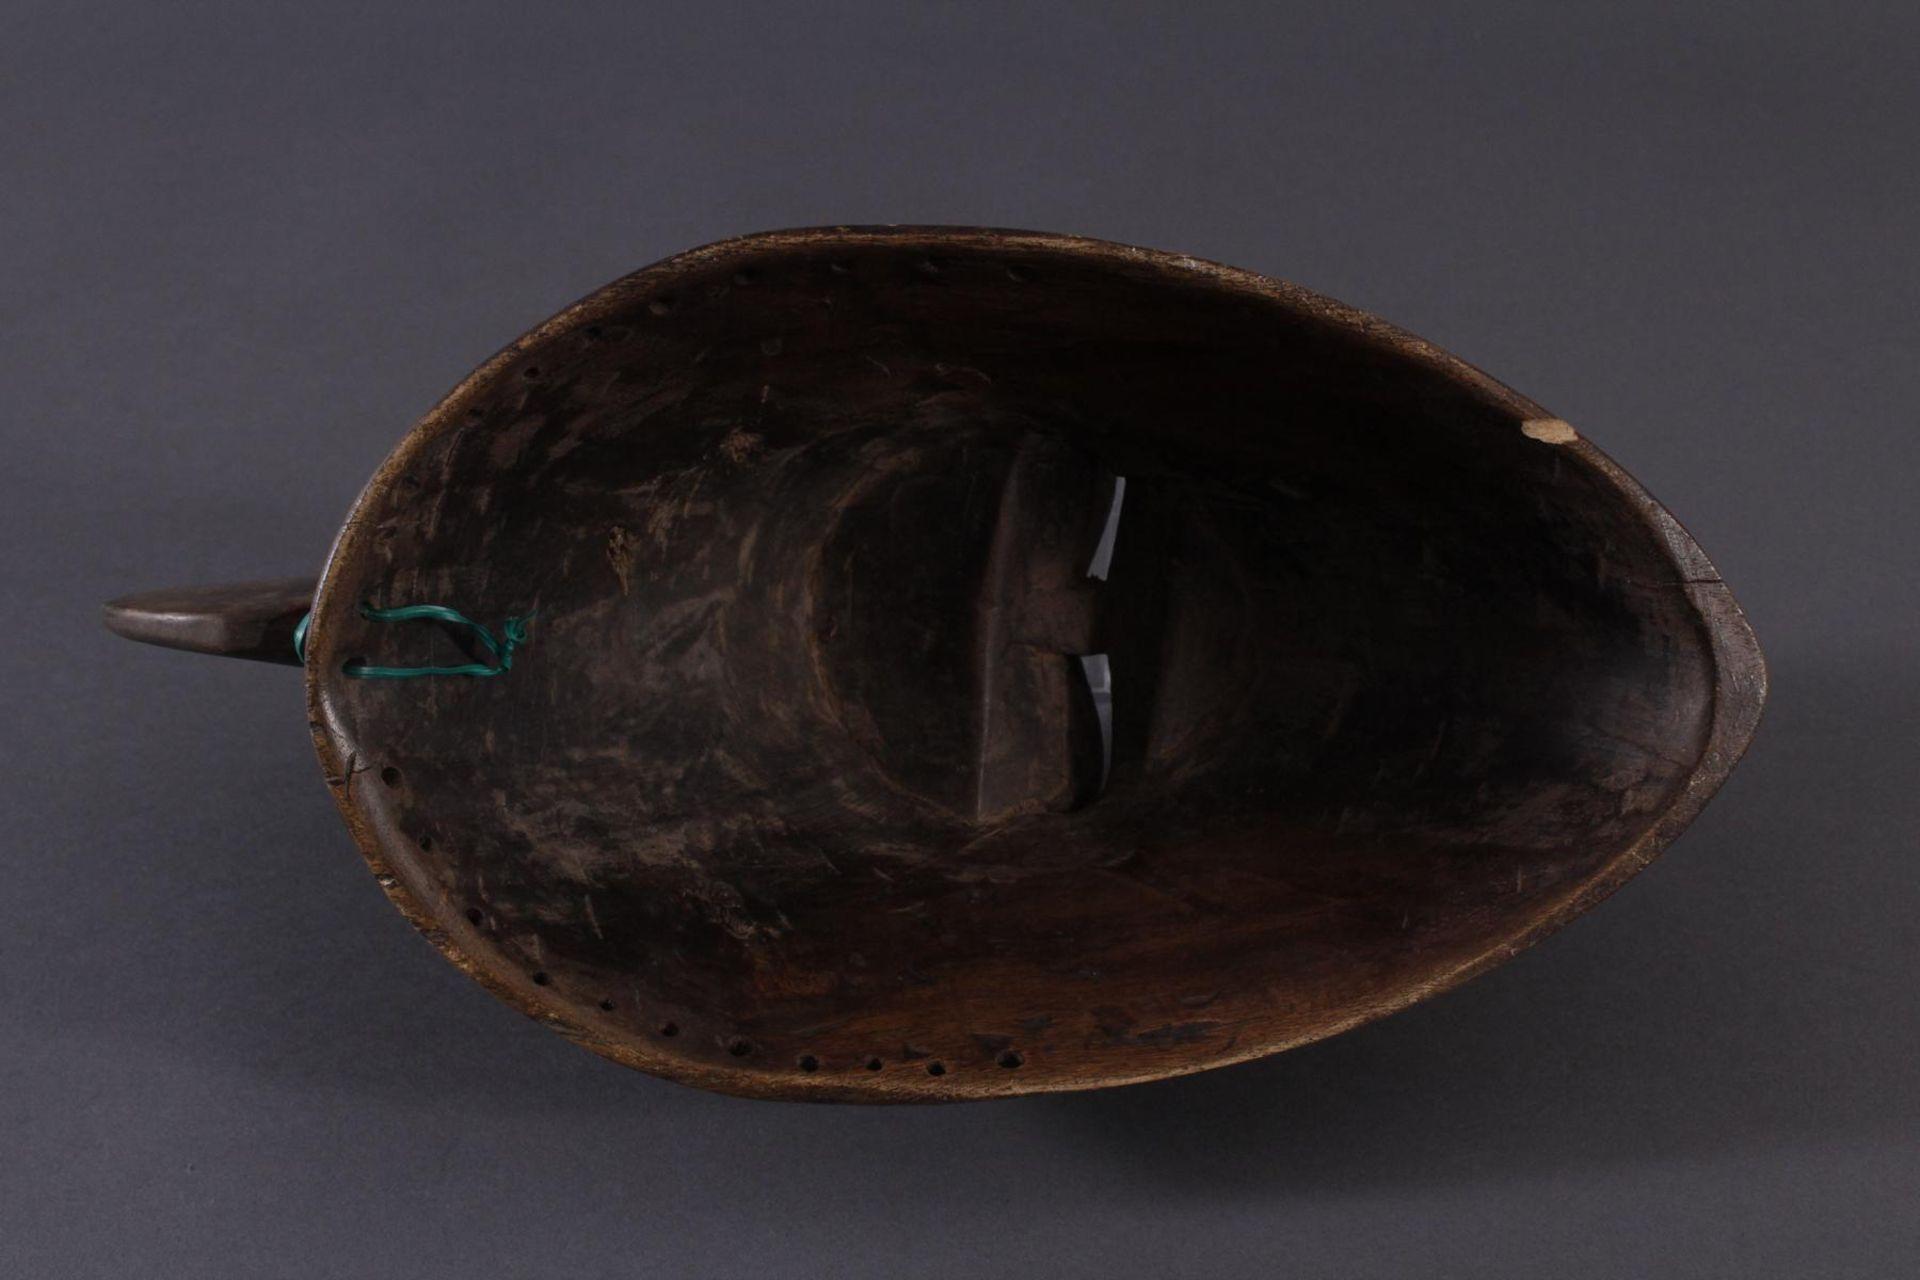 Antike Maske der Baule, Elfenbeinküste 1. Hälfte 20. Jh.Holz geschnitzt, dunkle Patina, partiell rot - Bild 6 aus 6